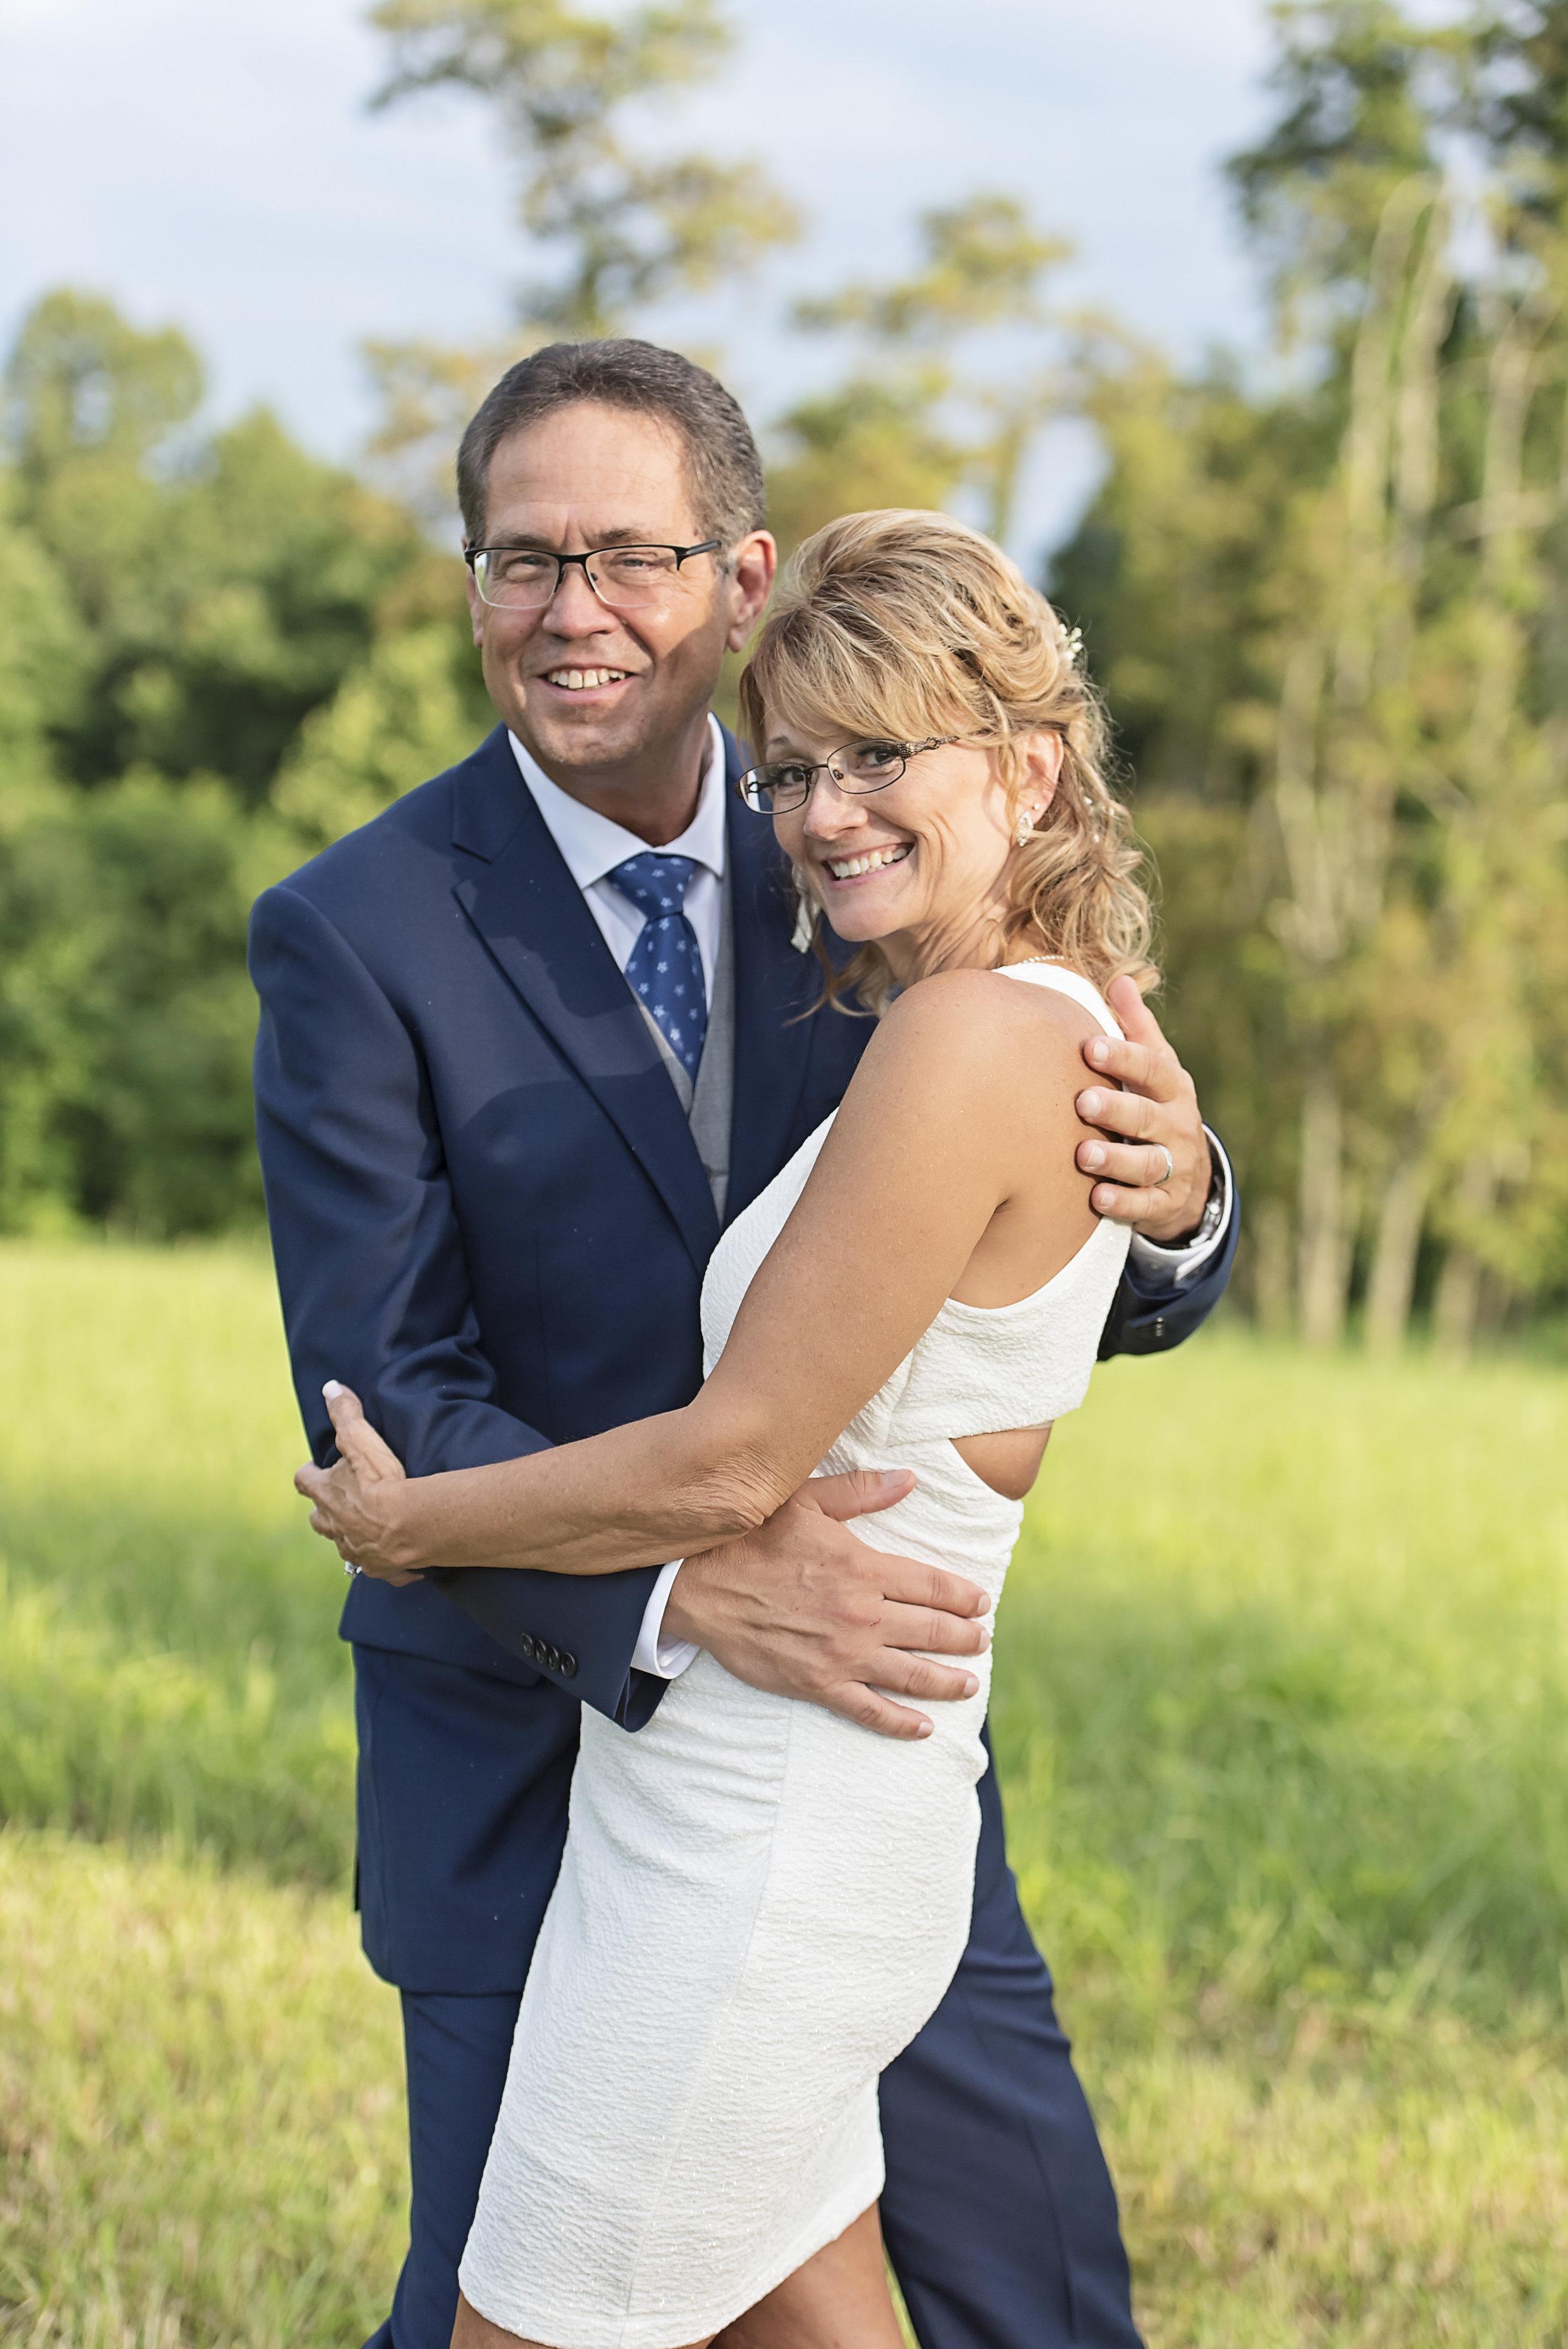 Ruthie+Wayne_Wedding_Sneak_Peek_32.jpg